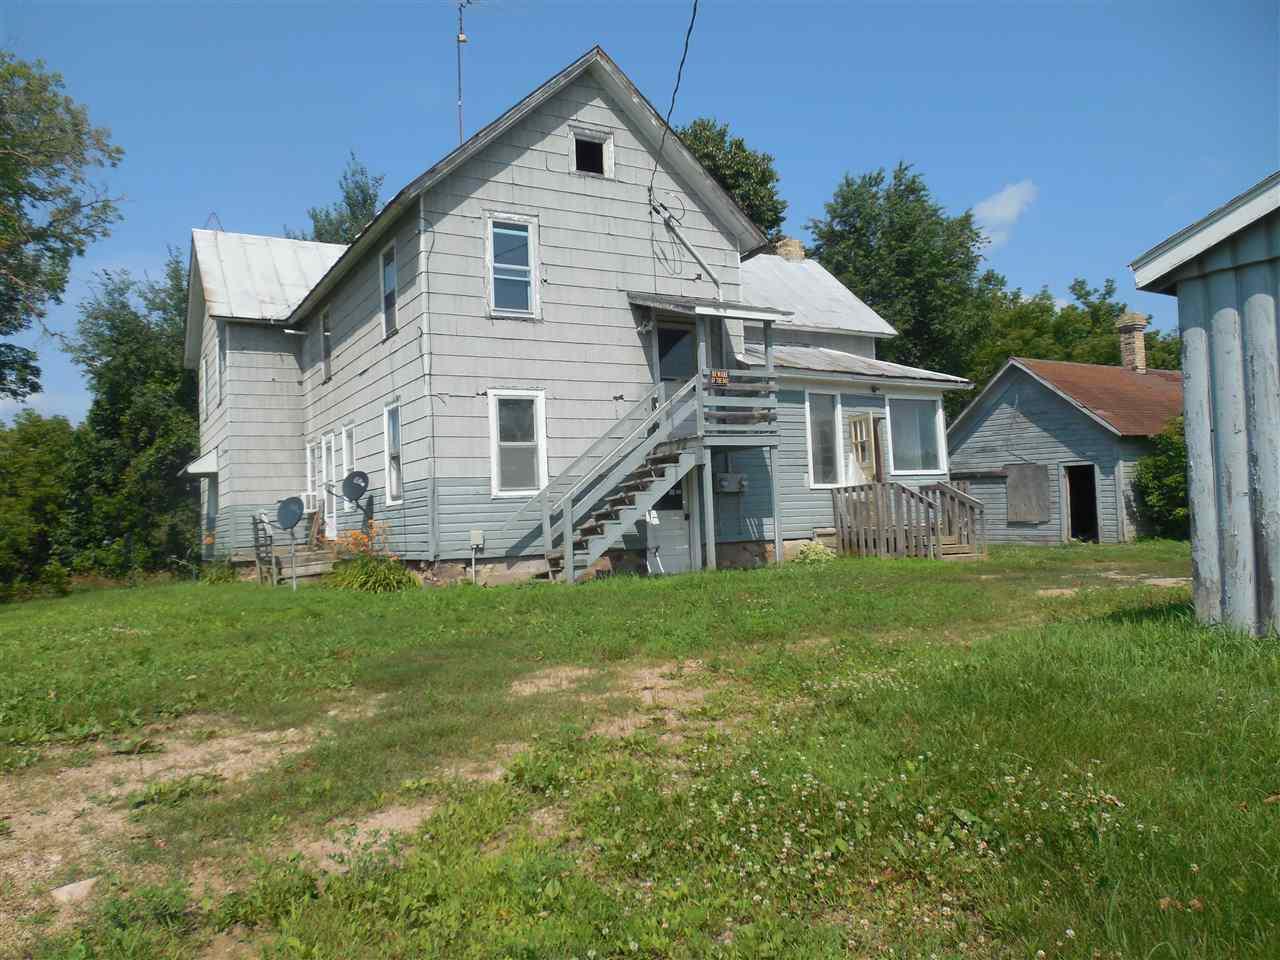 4-5 bedroom farmhouse, 2 full baths, barn, all on 5 acres.